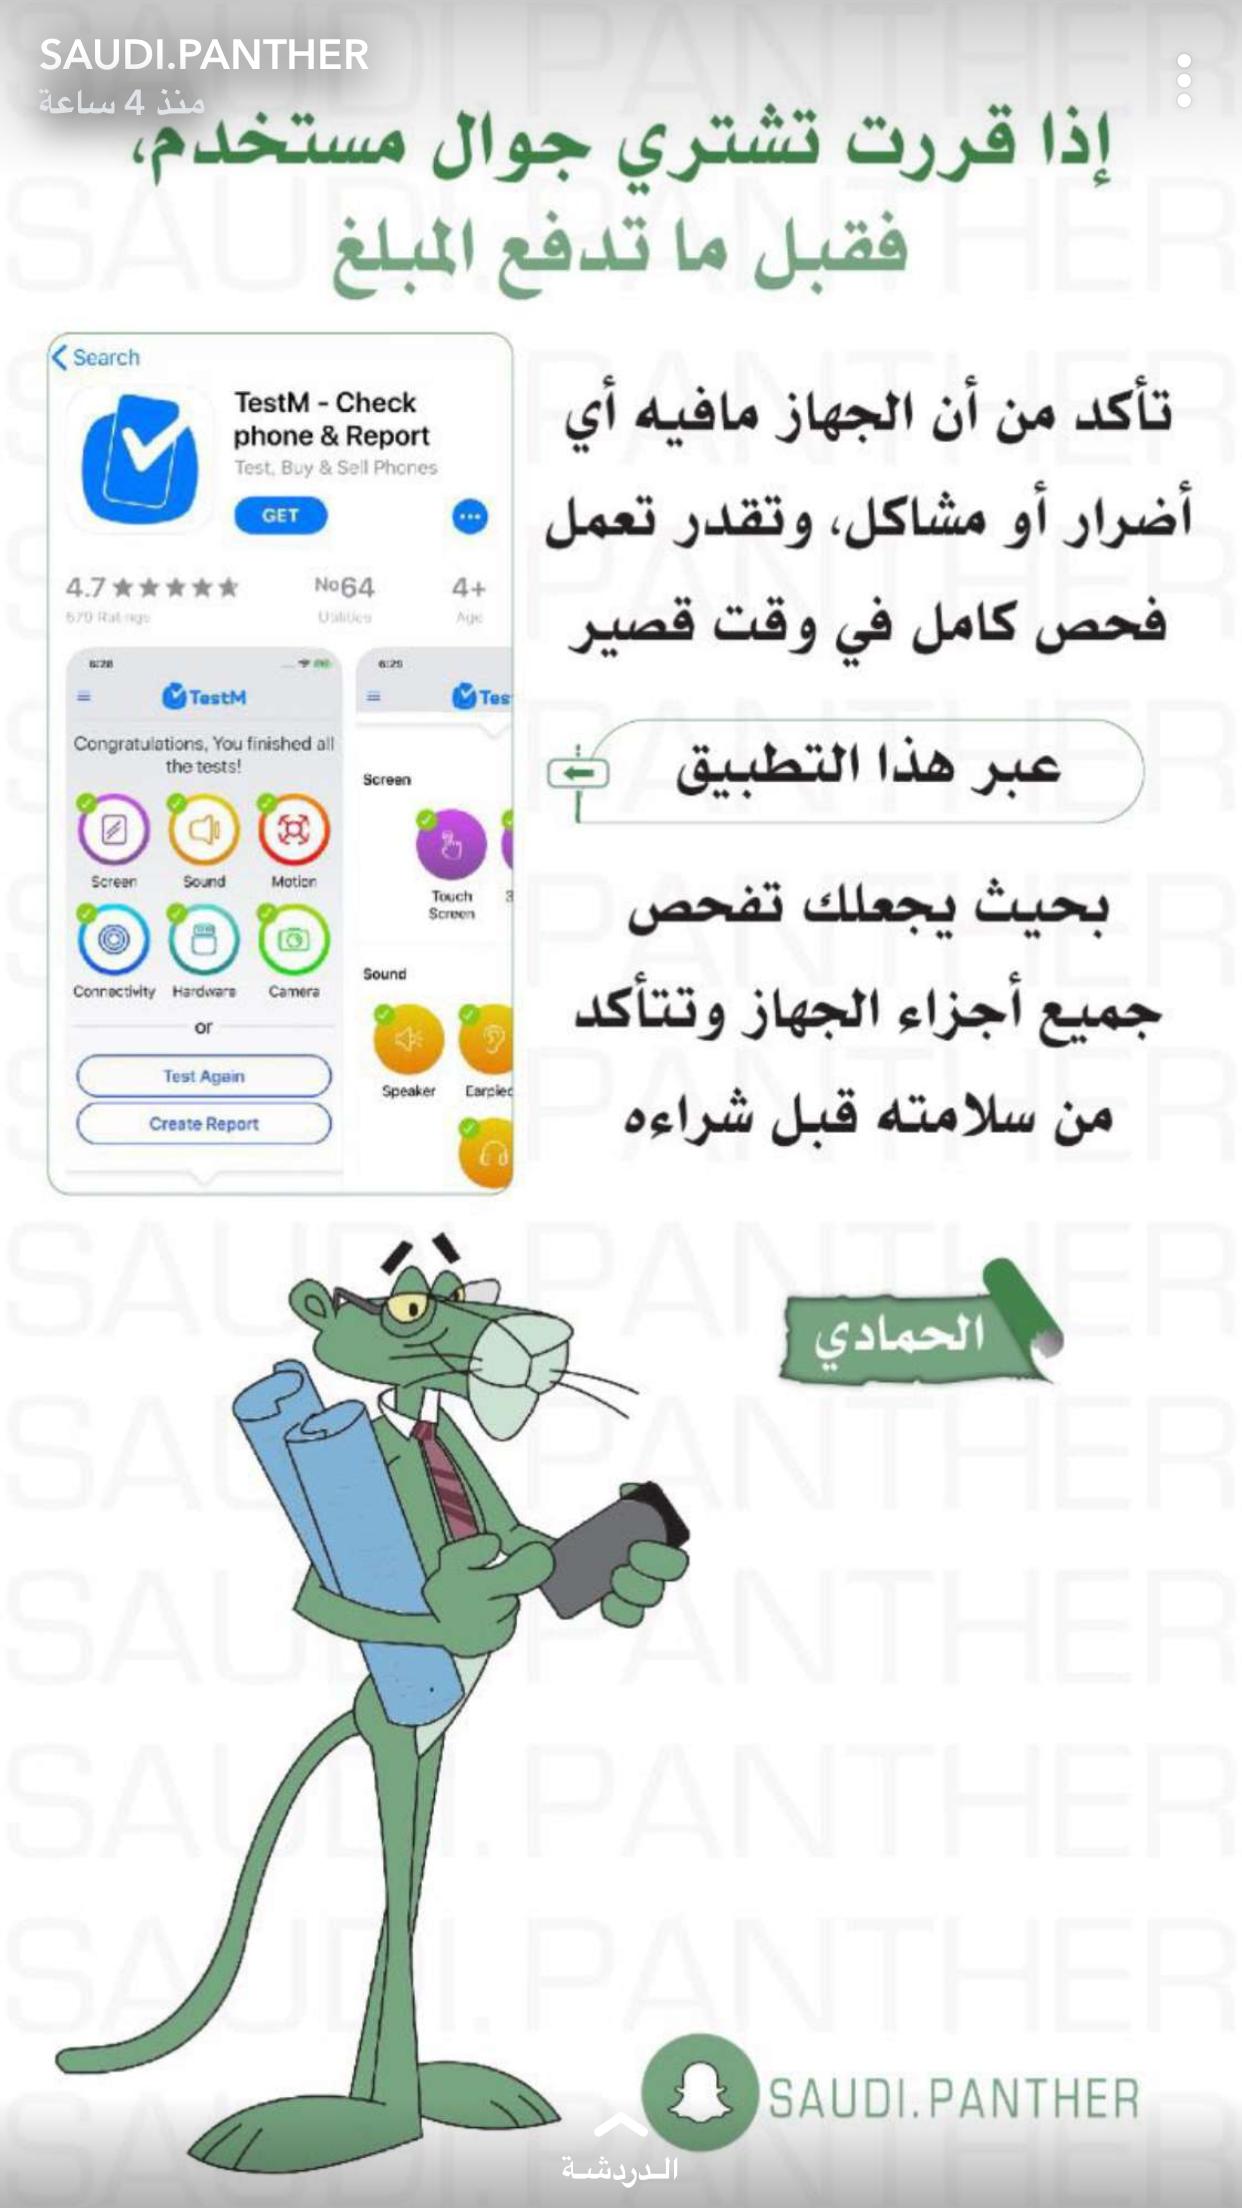 Pin by Fati Belk on Pinterest app Iphone app layout